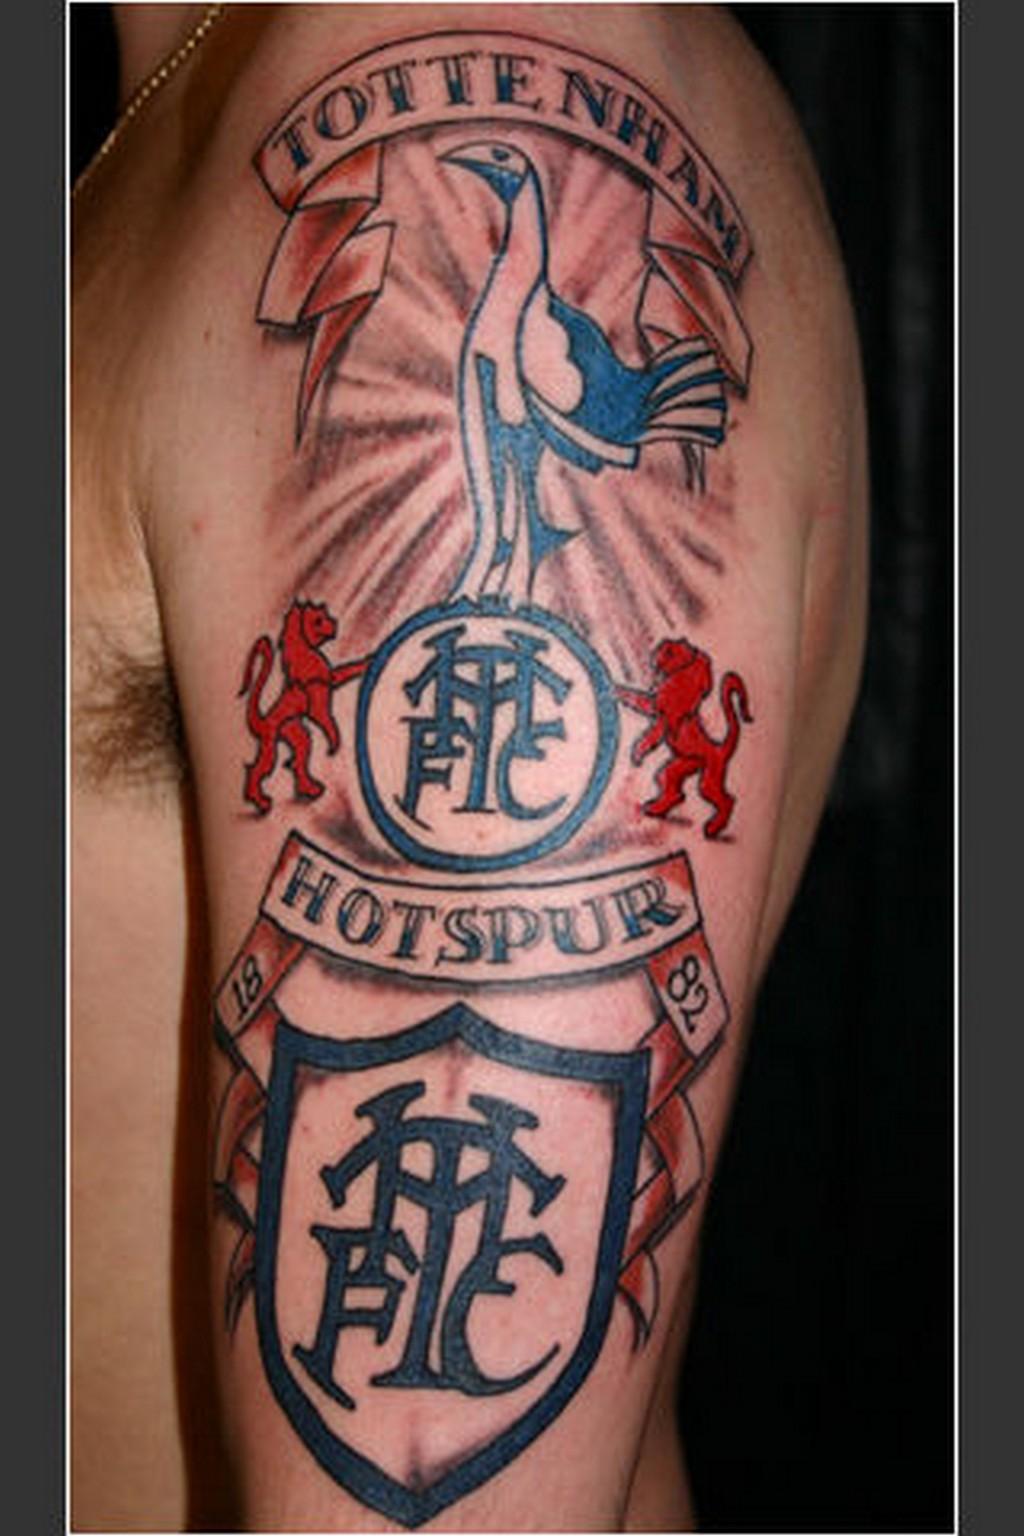 ink tottenham hotspur footy fair